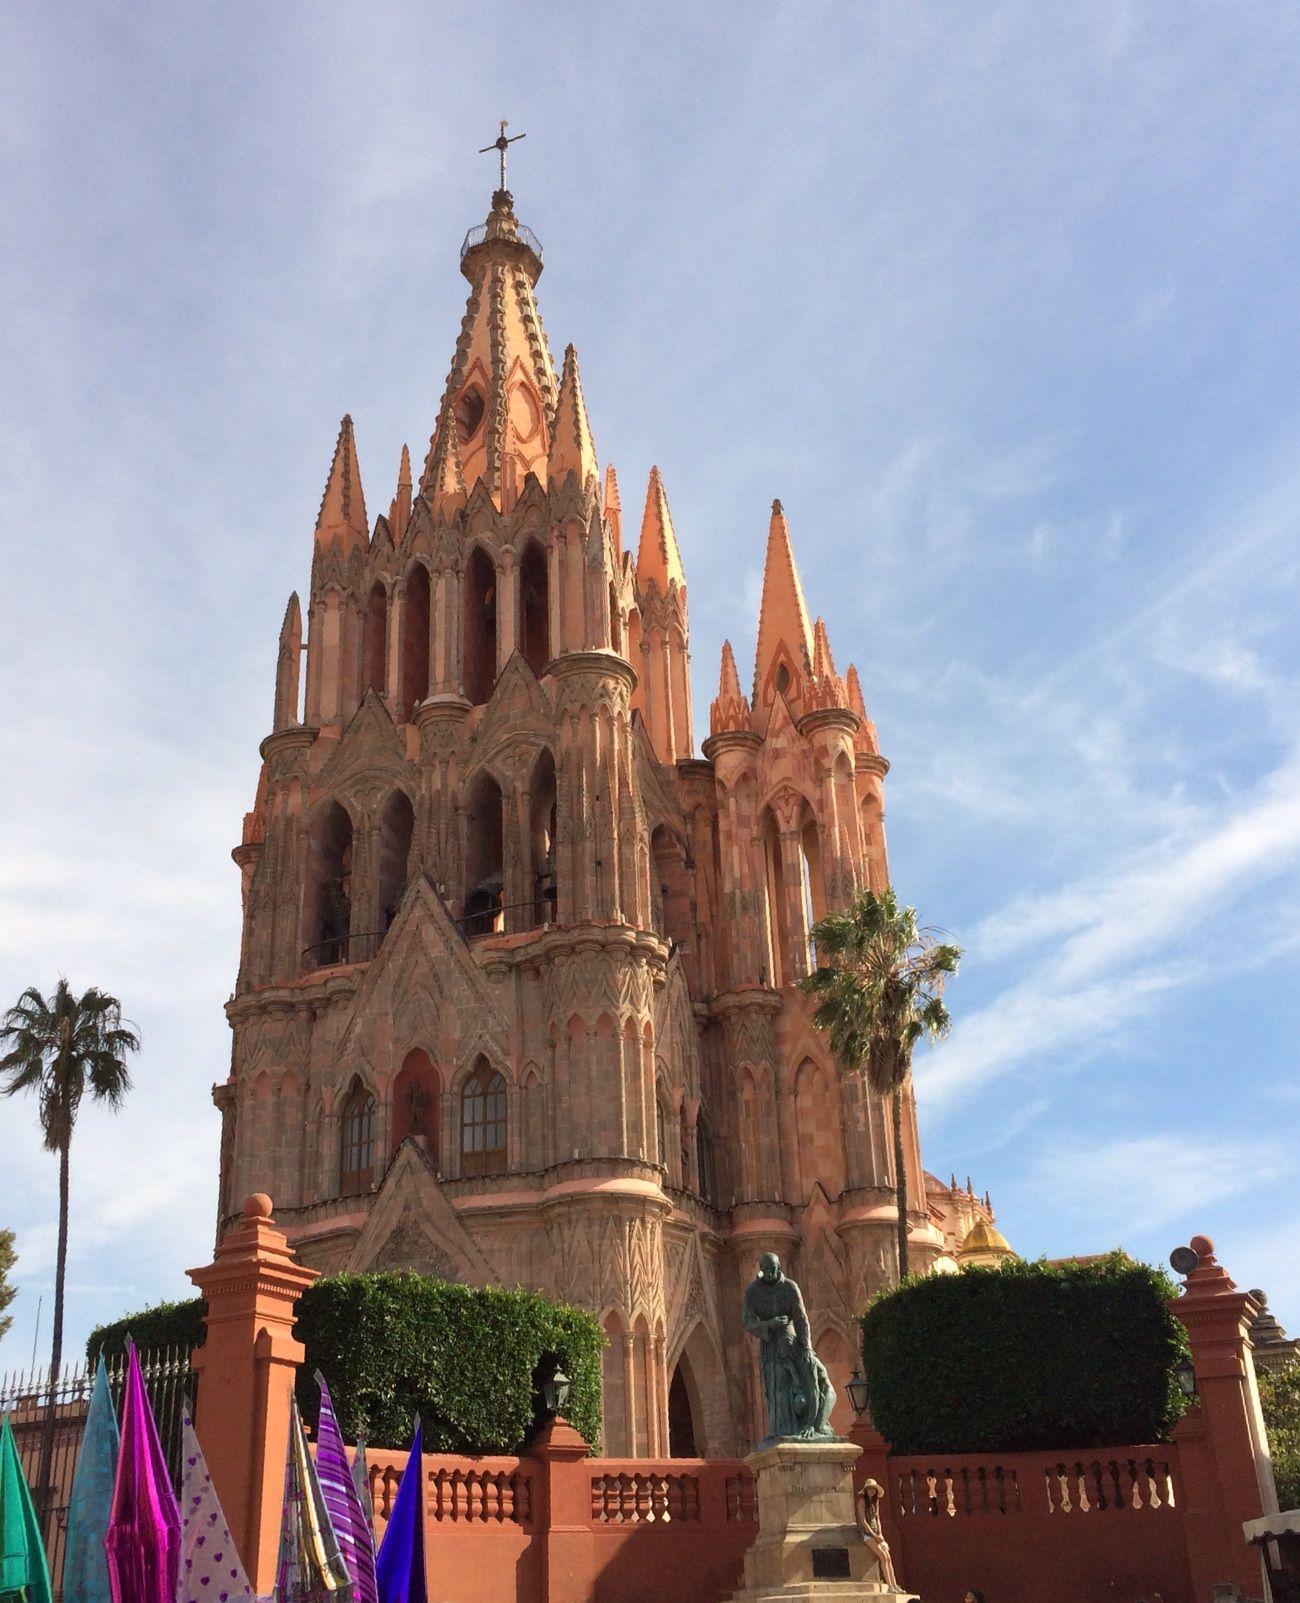 San Miguel de Allende church, Mexico